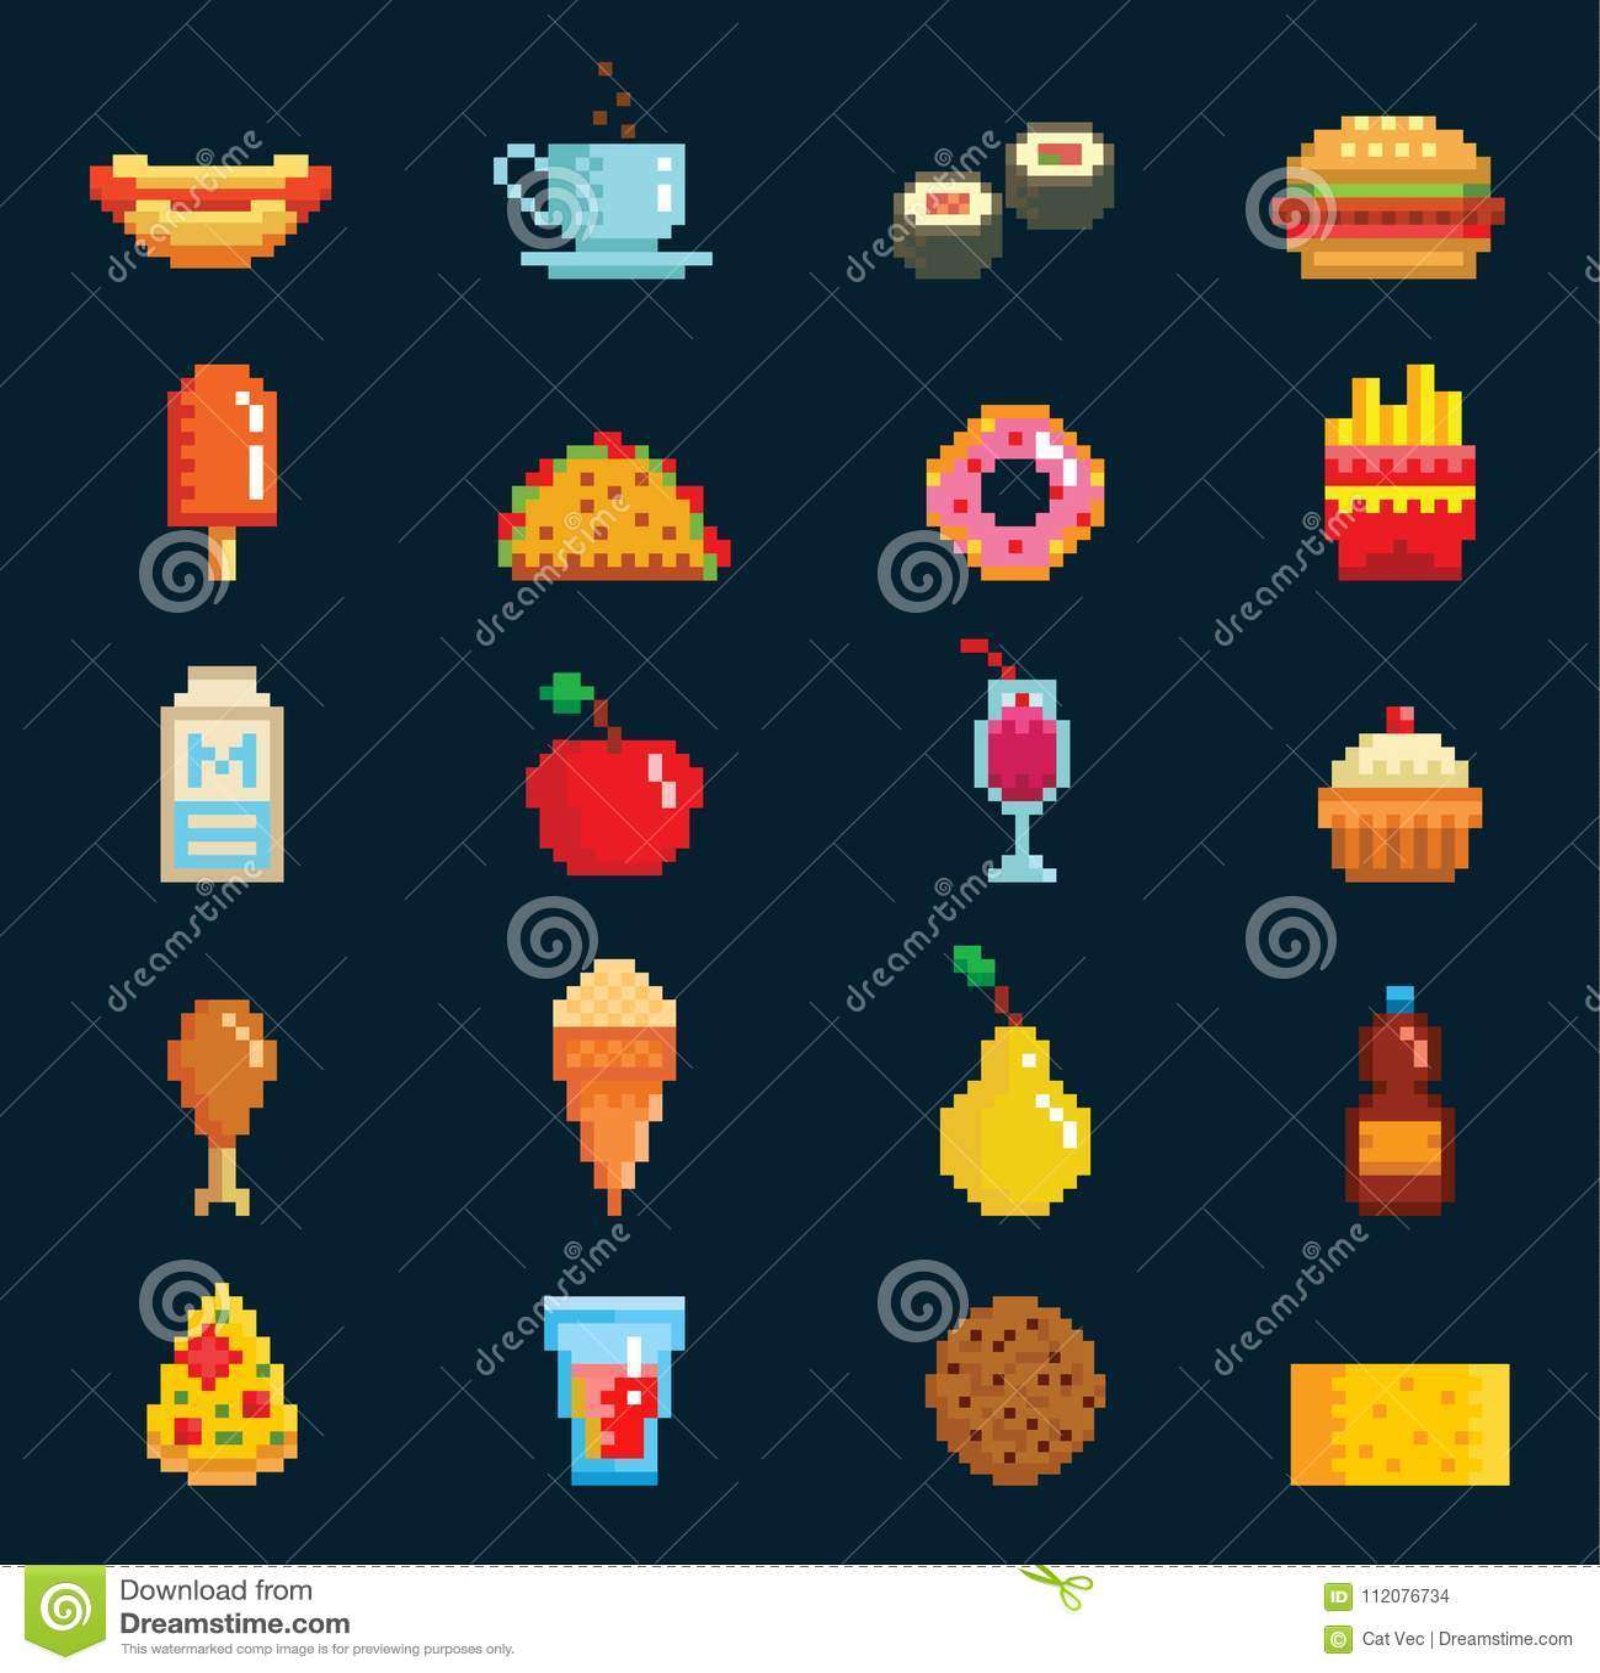 Wektorowej Pixelart Fasta Food Ikon Gry Komputerowej